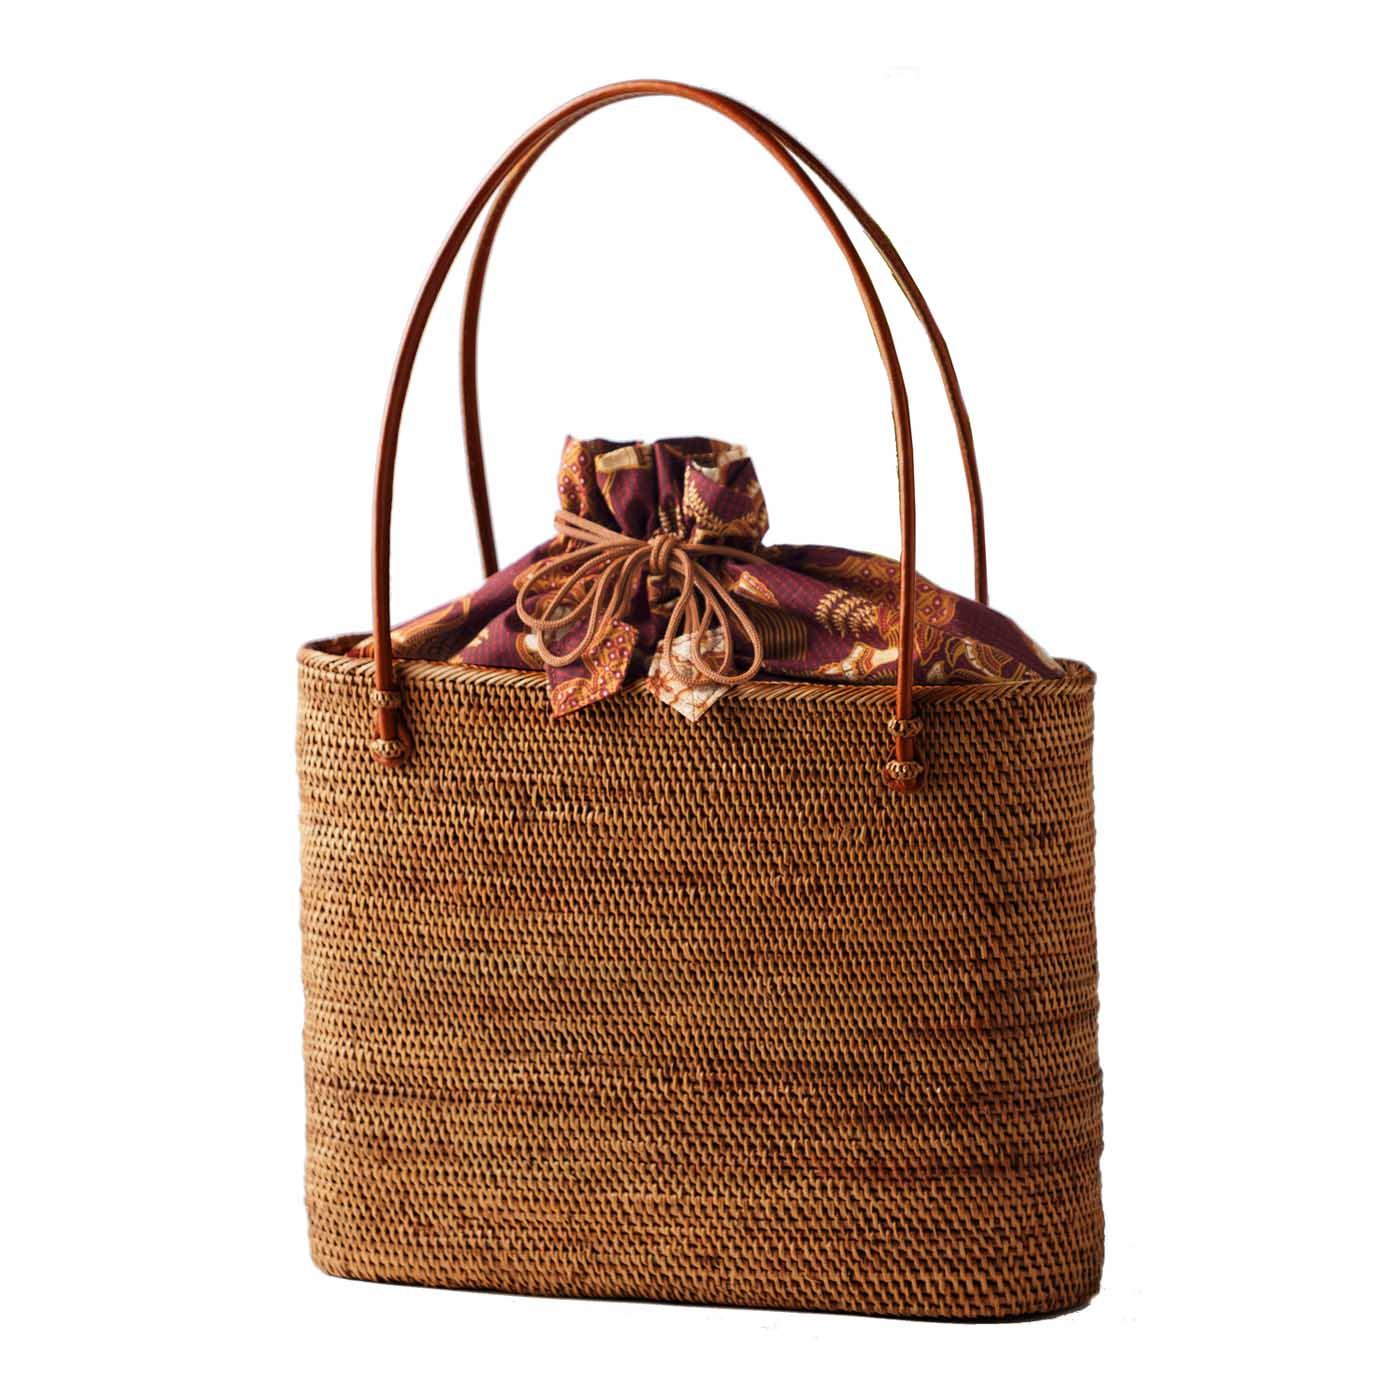 約10年使用したアタバッグの色。長年愛用するほどあめ色に変化して美しい光沢を放ちます。細かく美しく編み込まれたバッグはとても丈夫で、季節やシーンを問わず、10年、20年と使っていただけます。